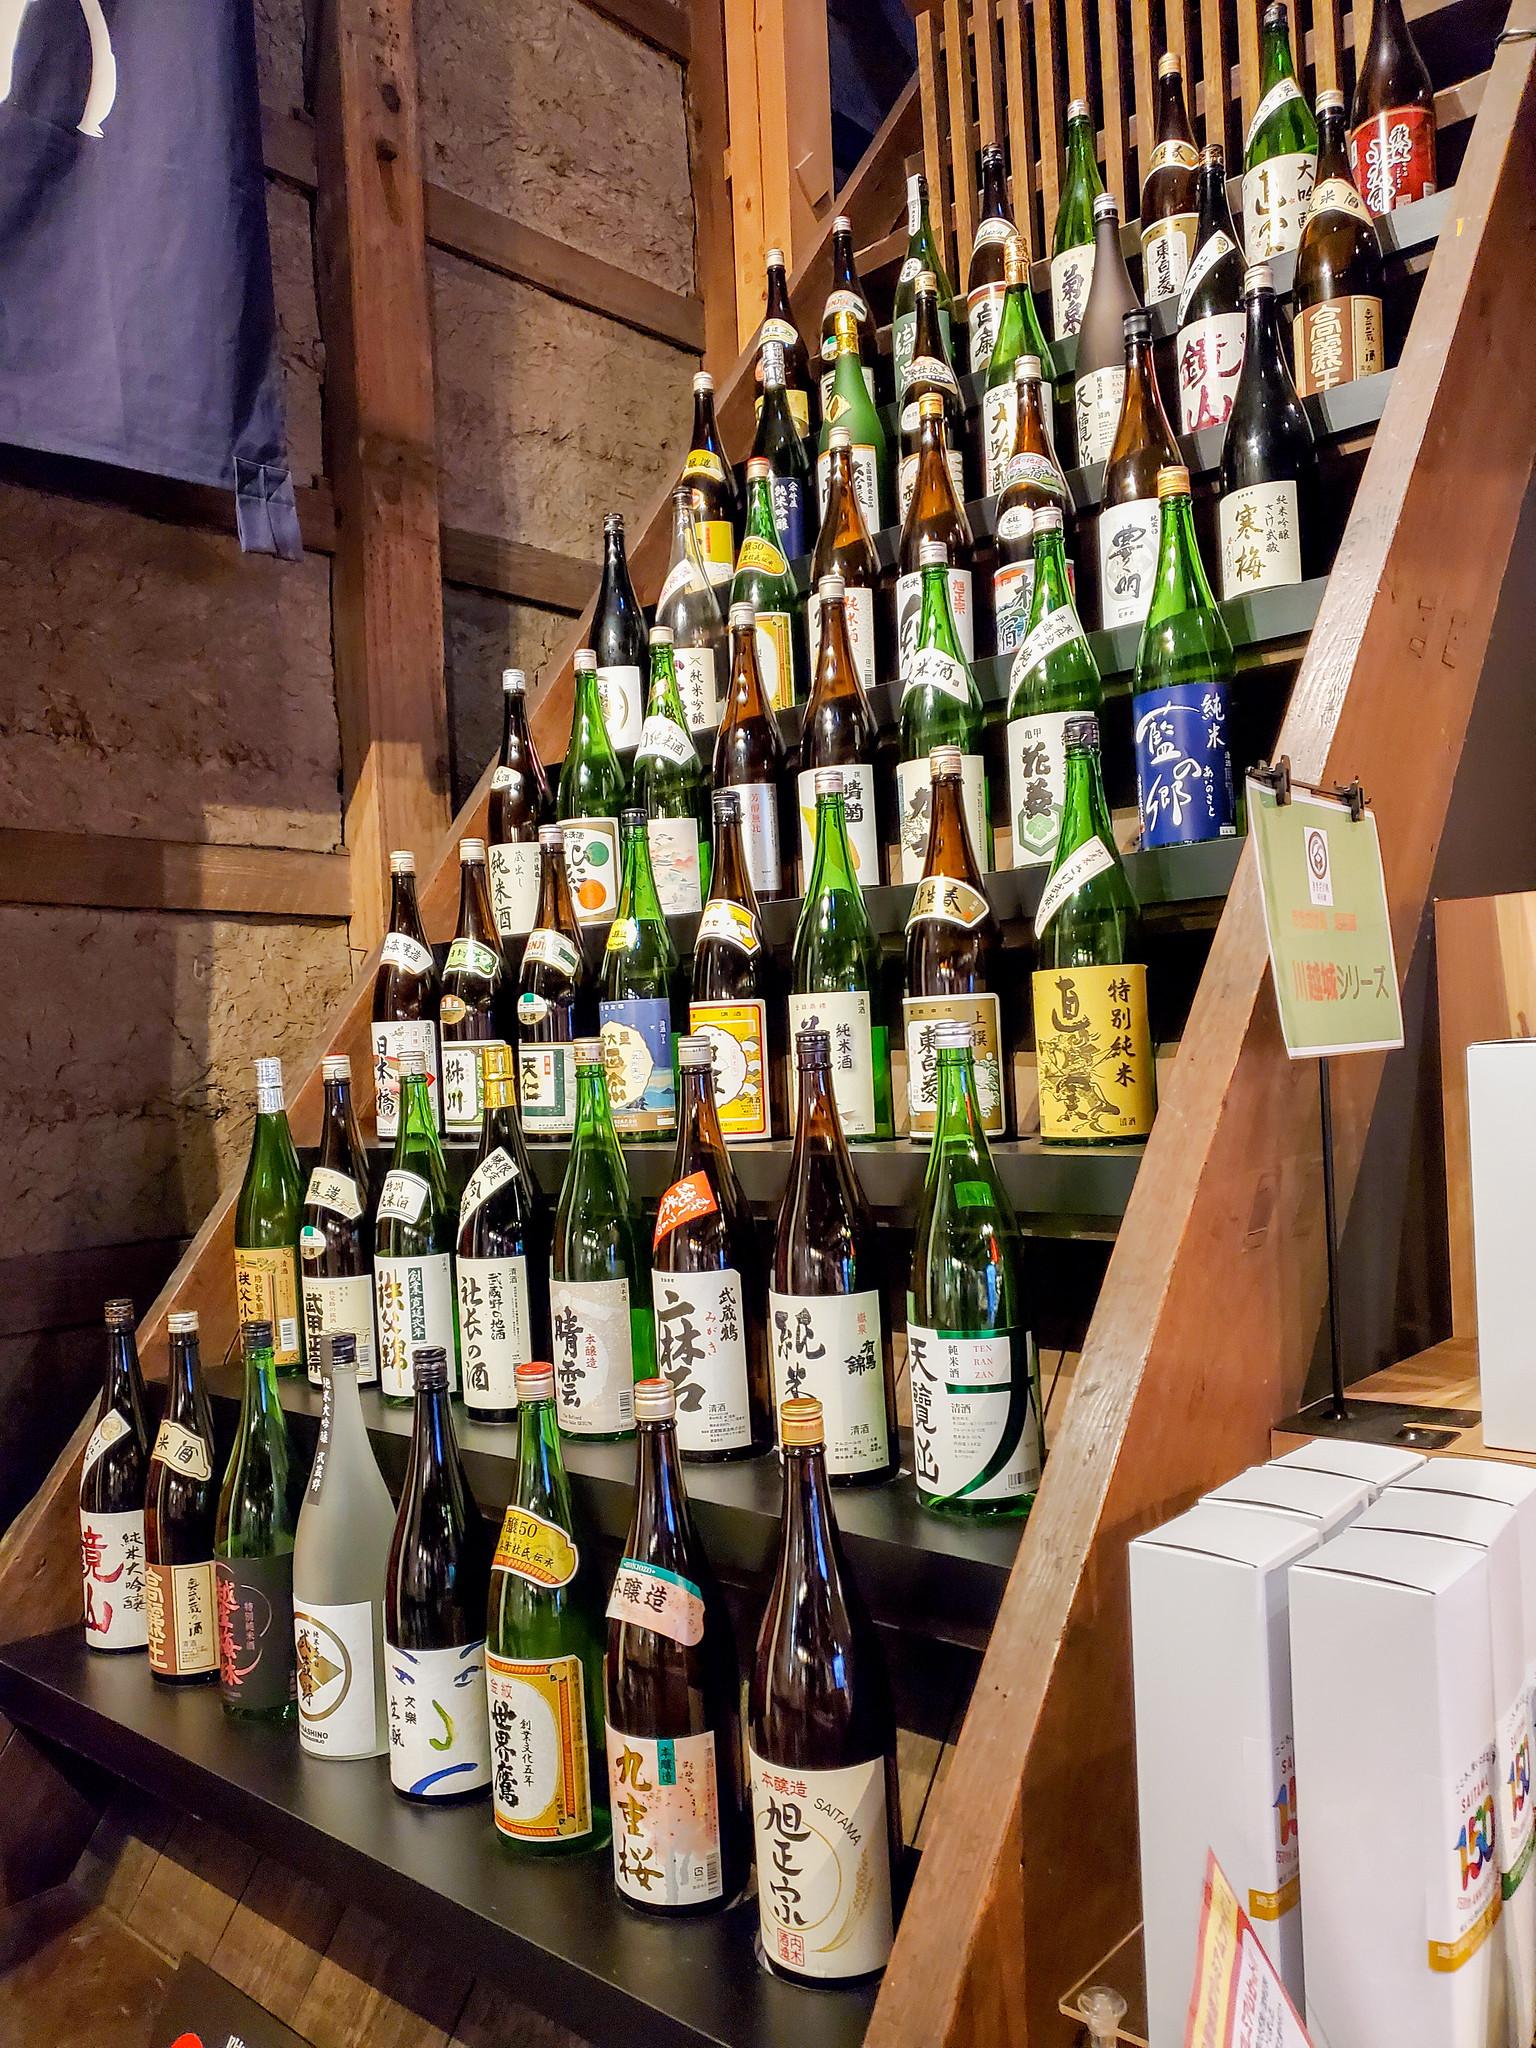 川越でさいたまの日本酒を自販機飲み比べ ききざけ処 昭和蔵